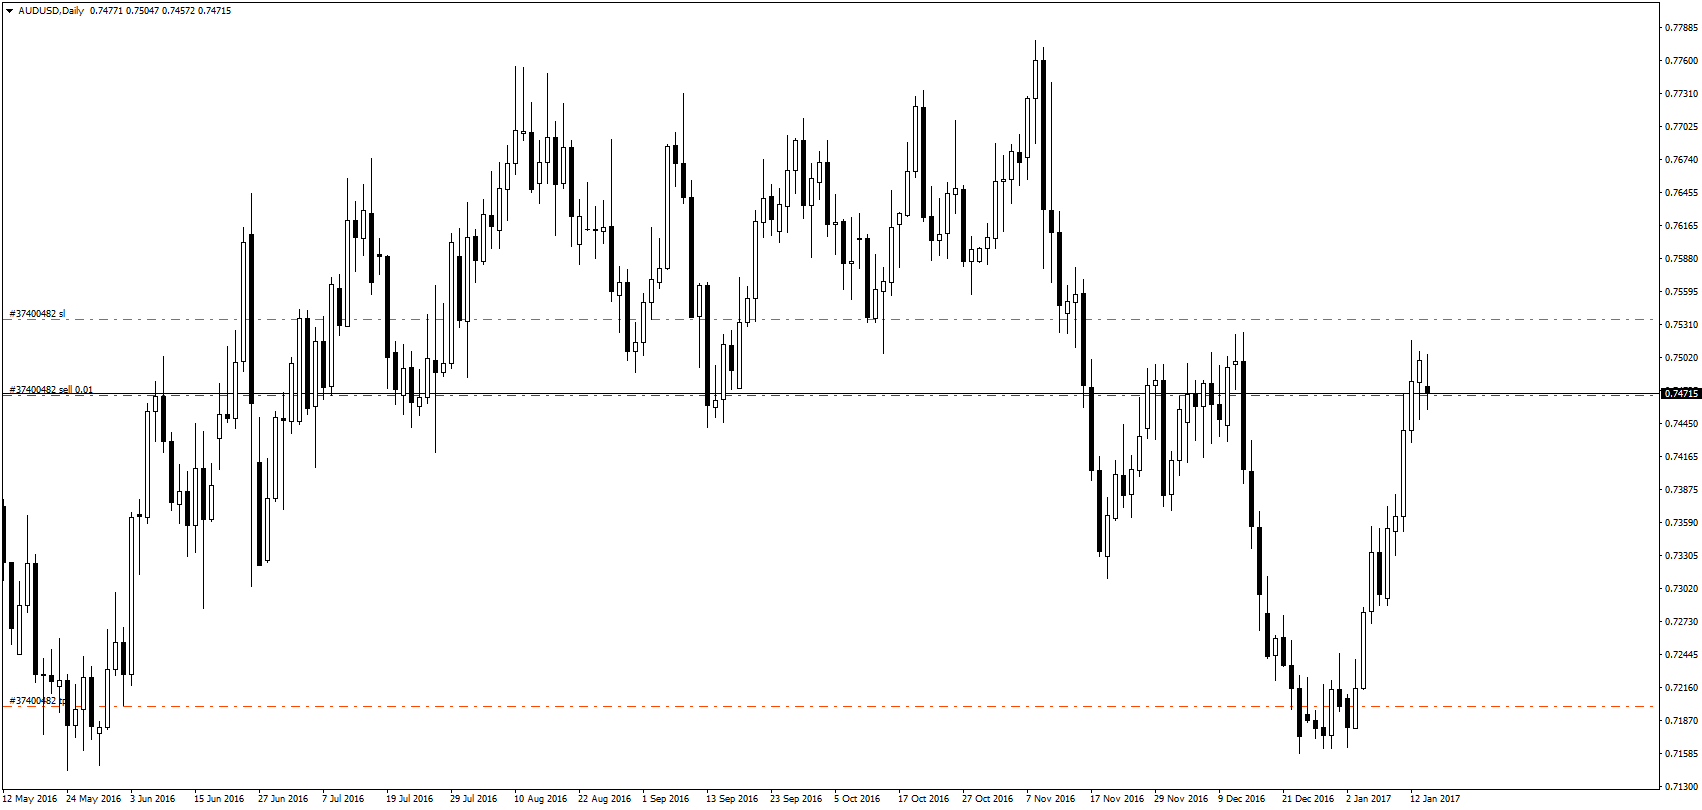 Morgan Stanley radzi sprzedać AUD/USD po cenach rynkowych. Pozycja powinna zostać zabezpieczona powyżej 0,7535, poziom take profit natomiast powinien znaleźć się na 0,7200.